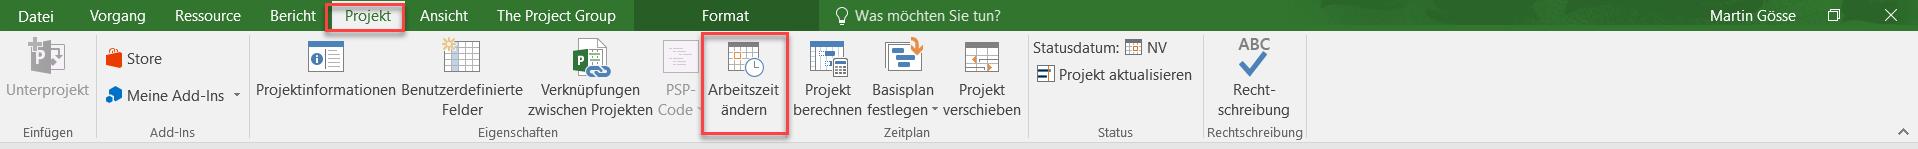 MS Project Kalenderoptionen